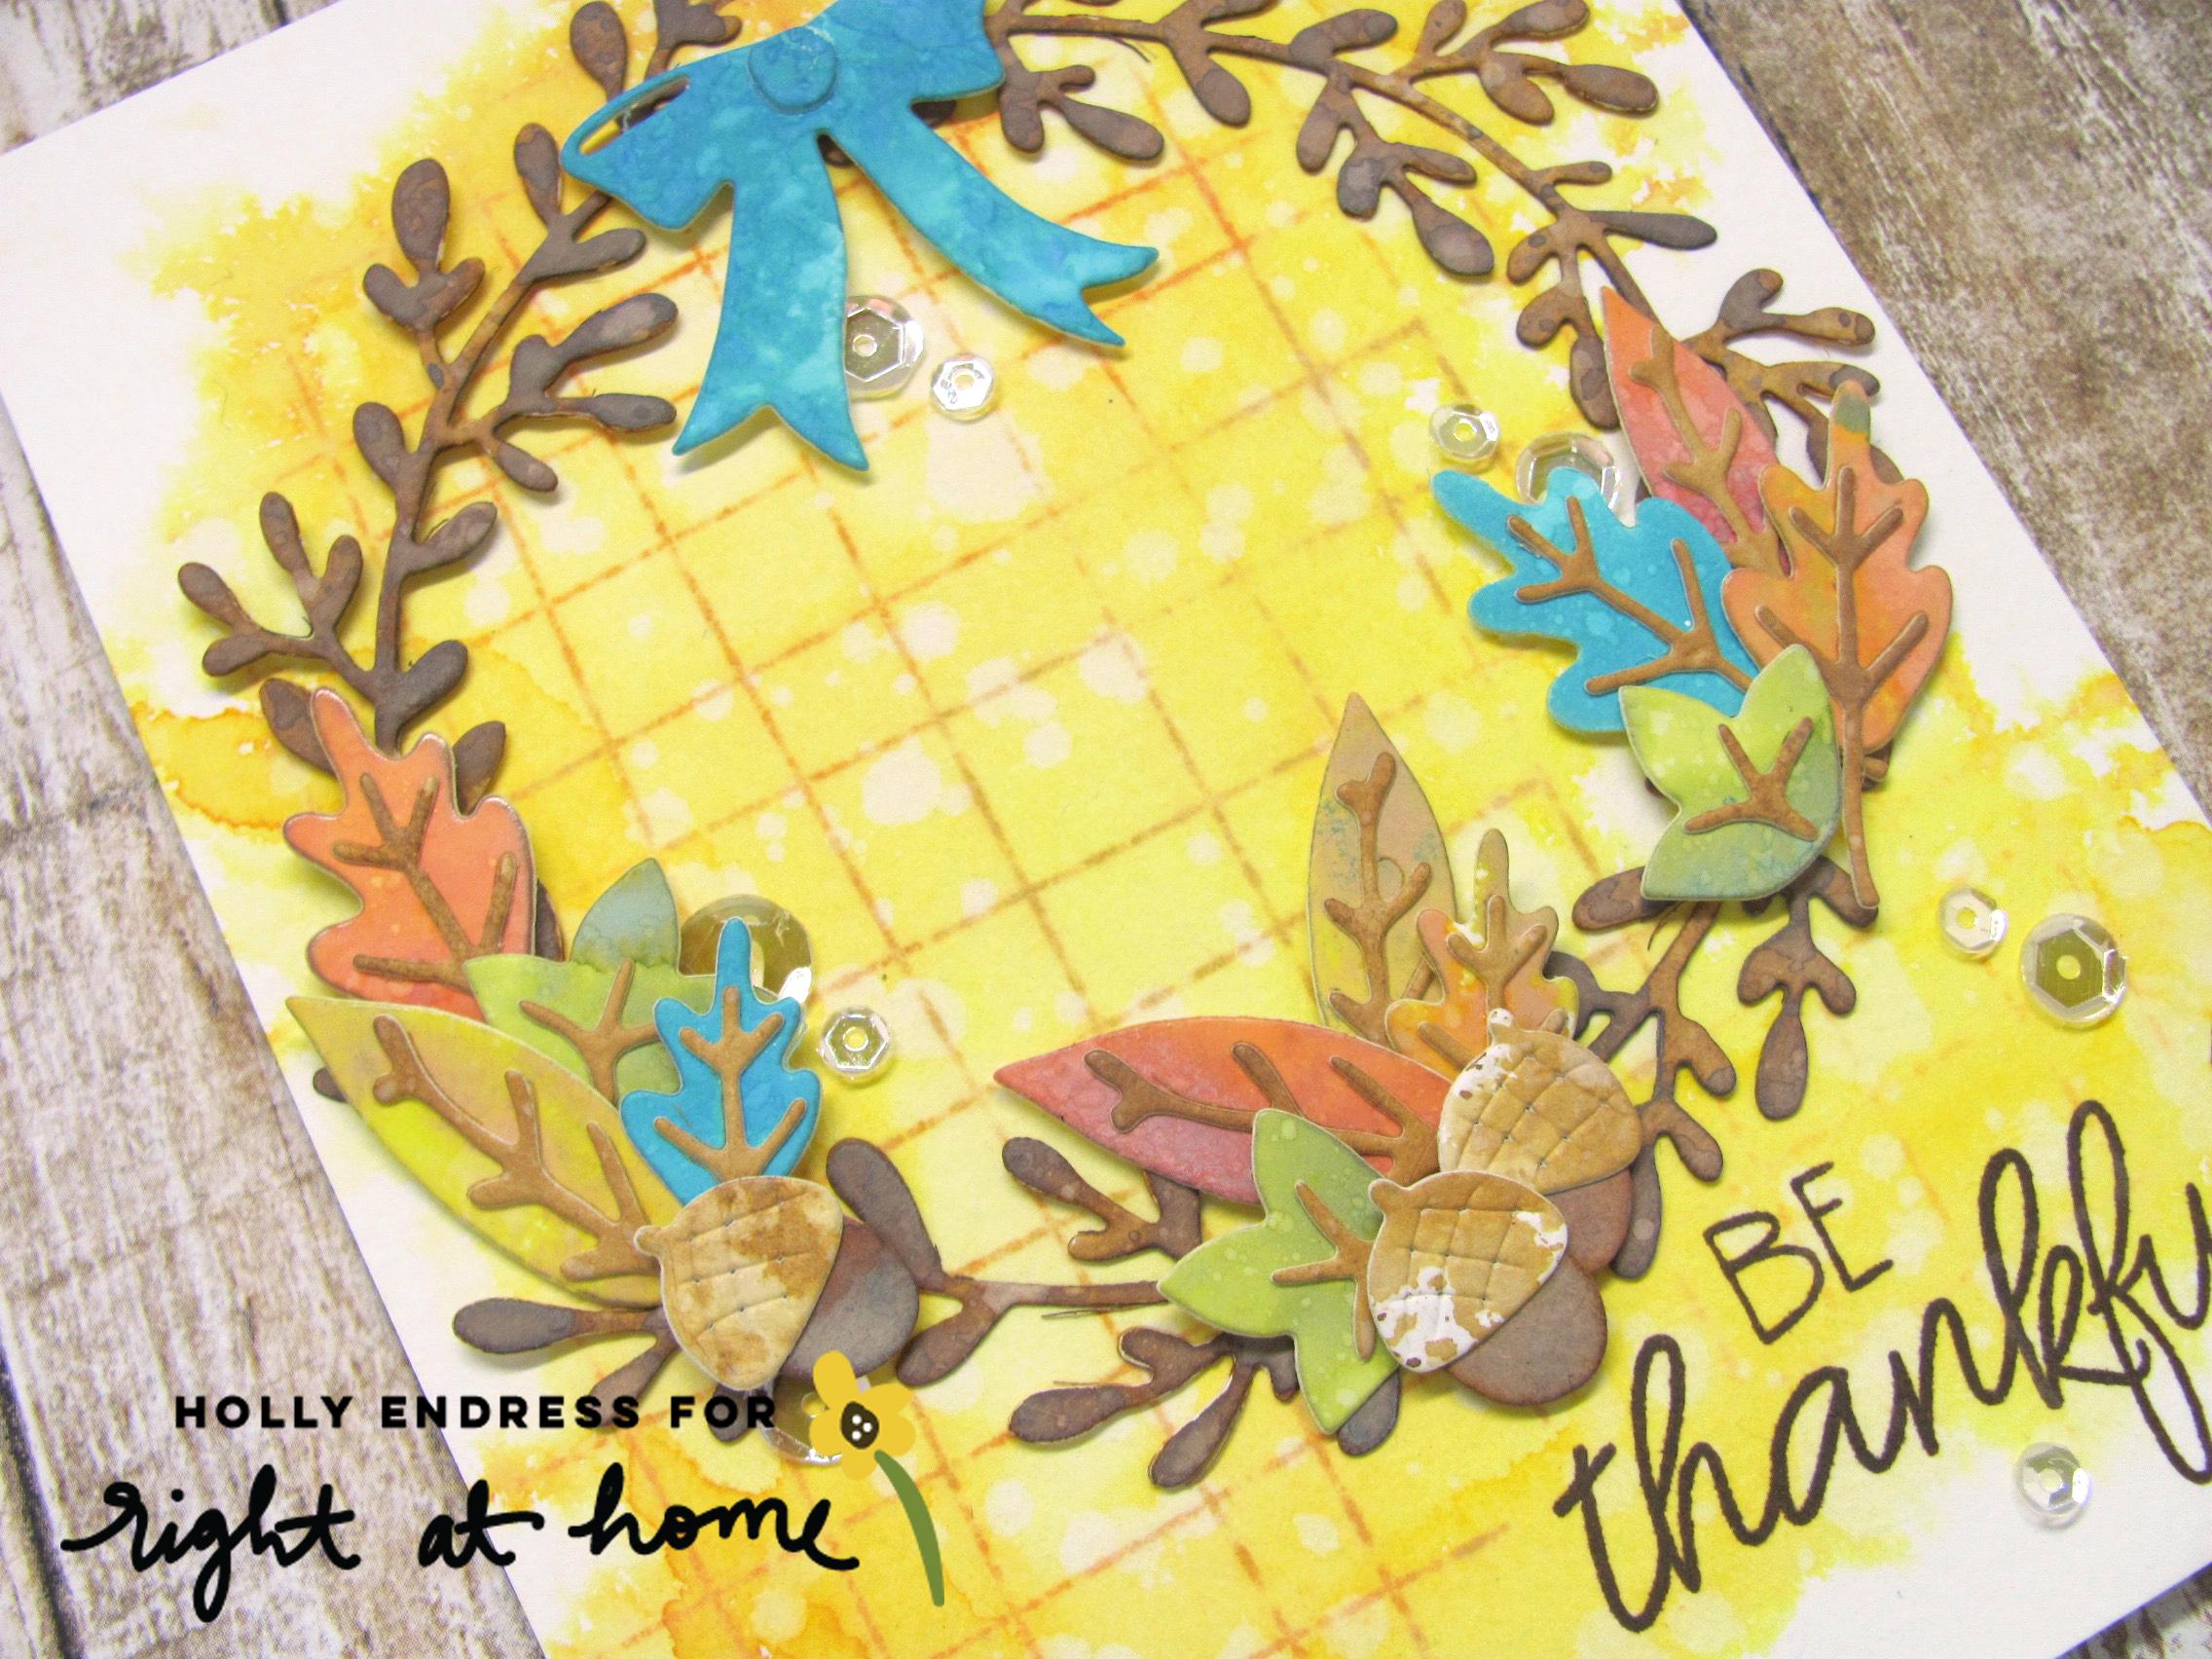 Be Thankful Seasonal Wreath Card by Holly // rightathomeshop.com/blog